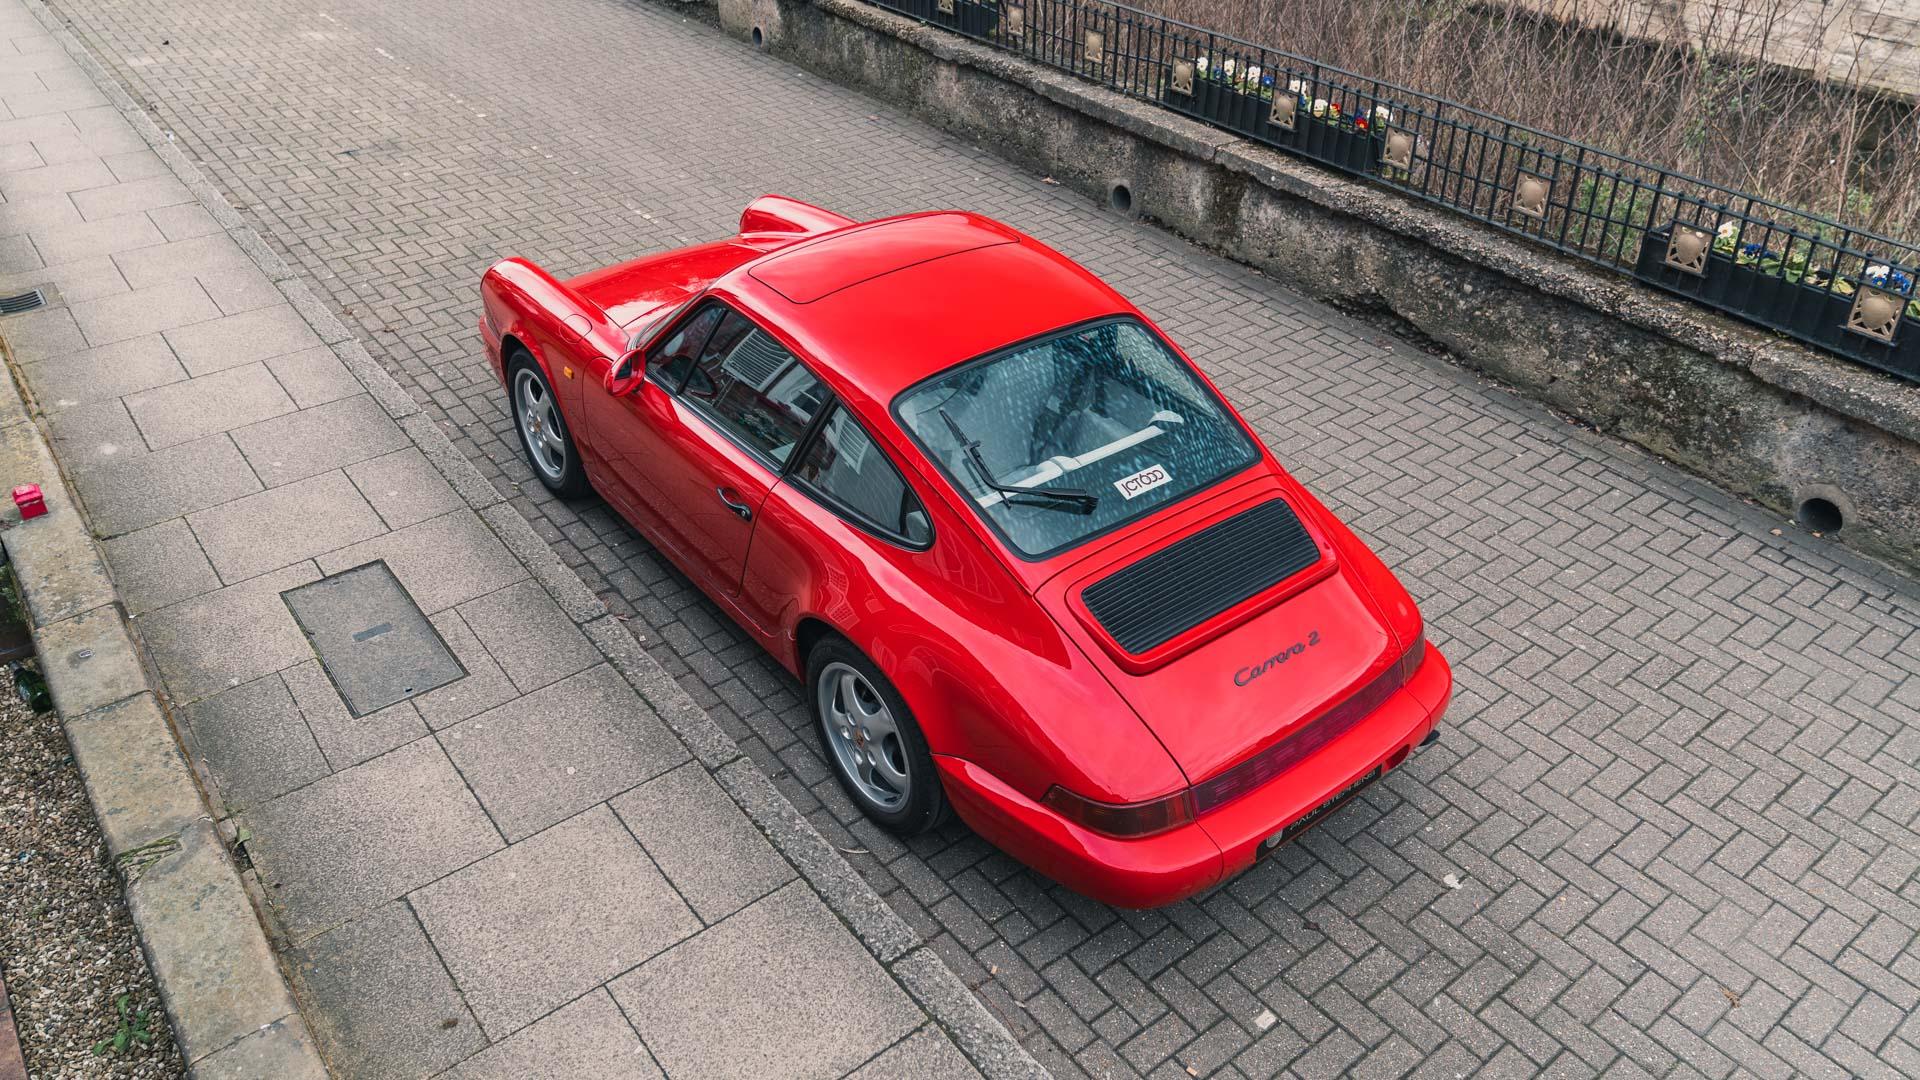 Paul Stephens Porsche 964 C2 Heck Rückansicht Coupe